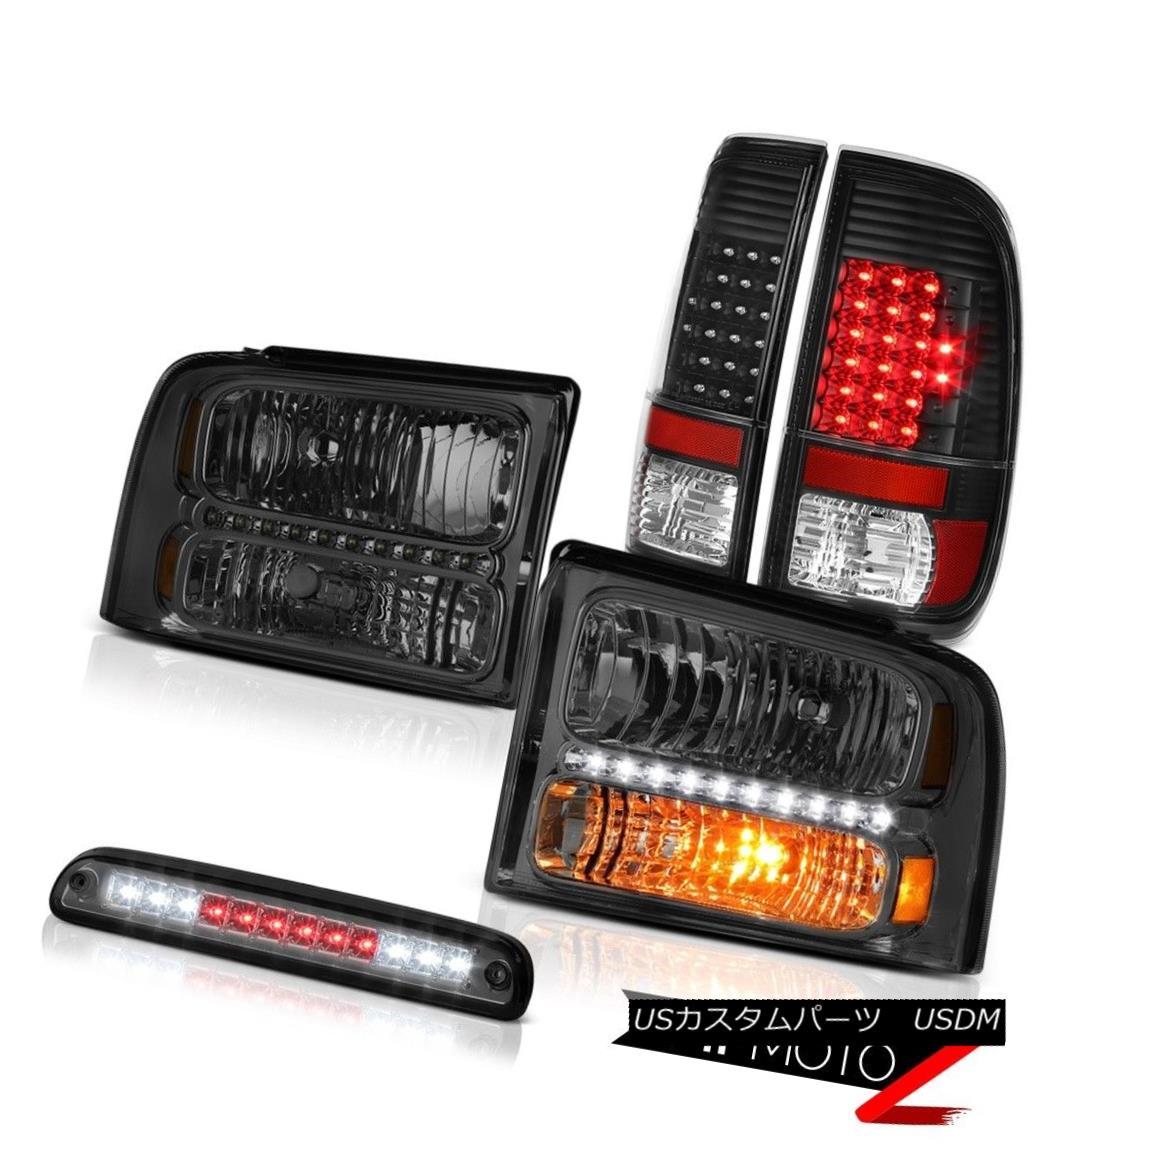 ヘッドライト 2005-2007 F350 Outlaw Dark Smoke Headlights Matte Black Tail Light High Stop LED 2005-2007 F350アウトローダークスモークヘッドライトマットブラックテールライトハイストップLED